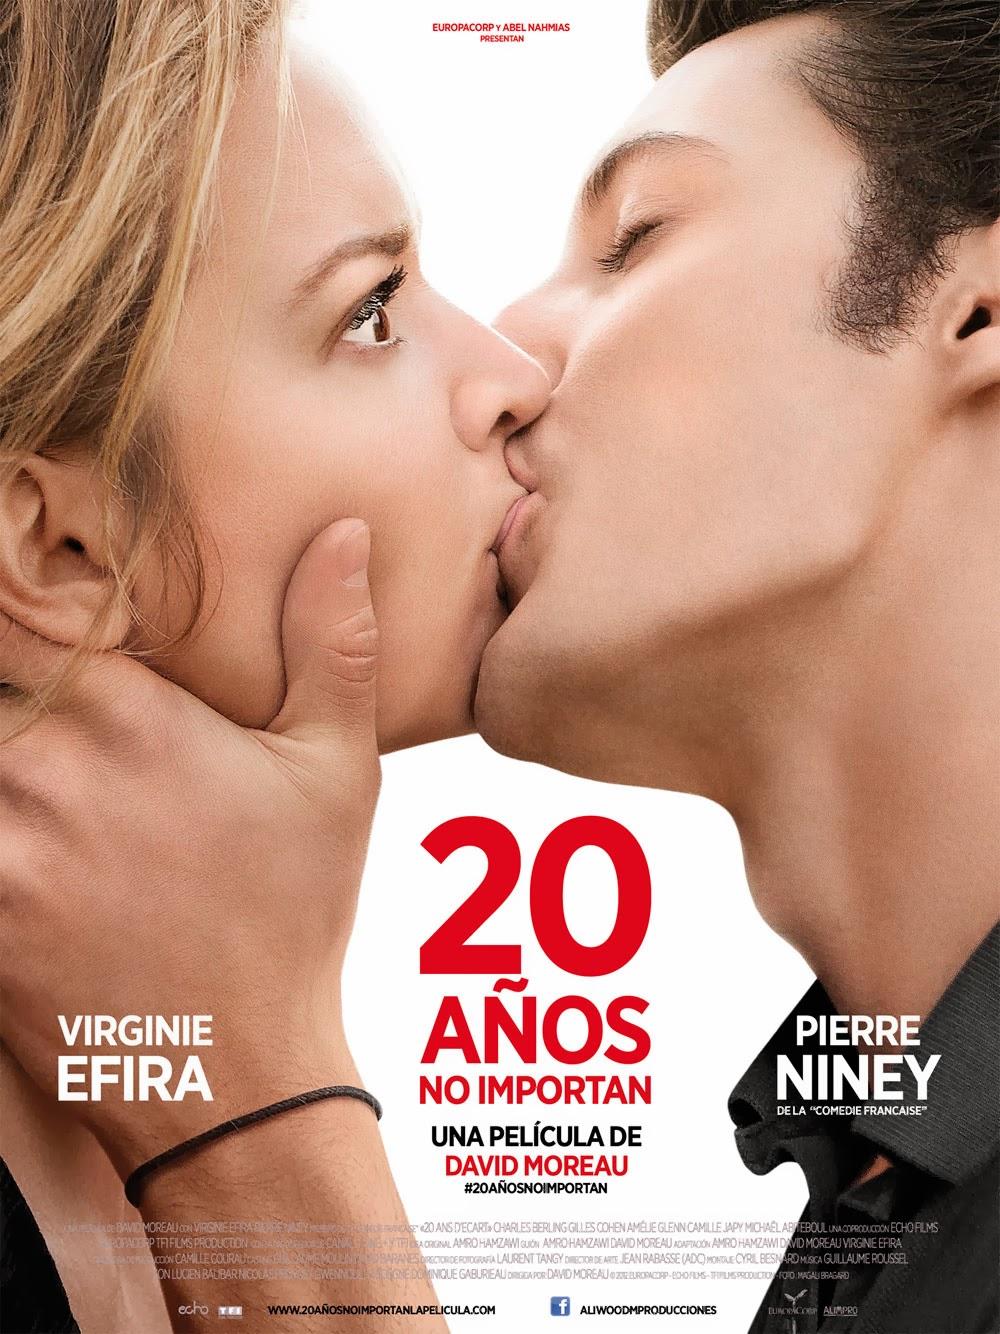 20 Años No Importan (2013)